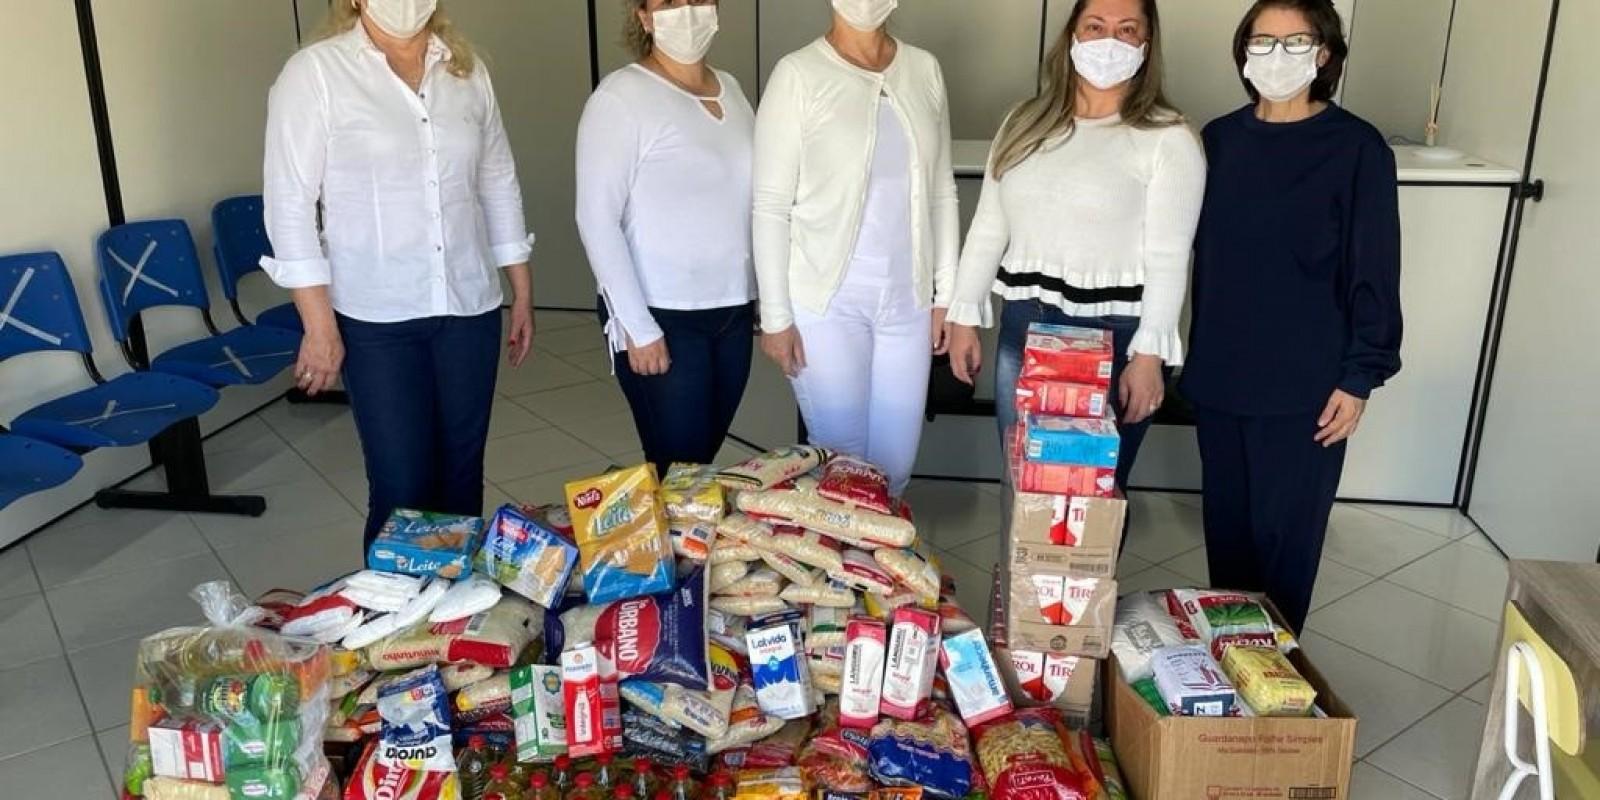 """Campanha """"Vacina contra Fome"""" já arrecadou 350 quilos de alimentos e segue até o fim da vacinação contra Covid-19"""